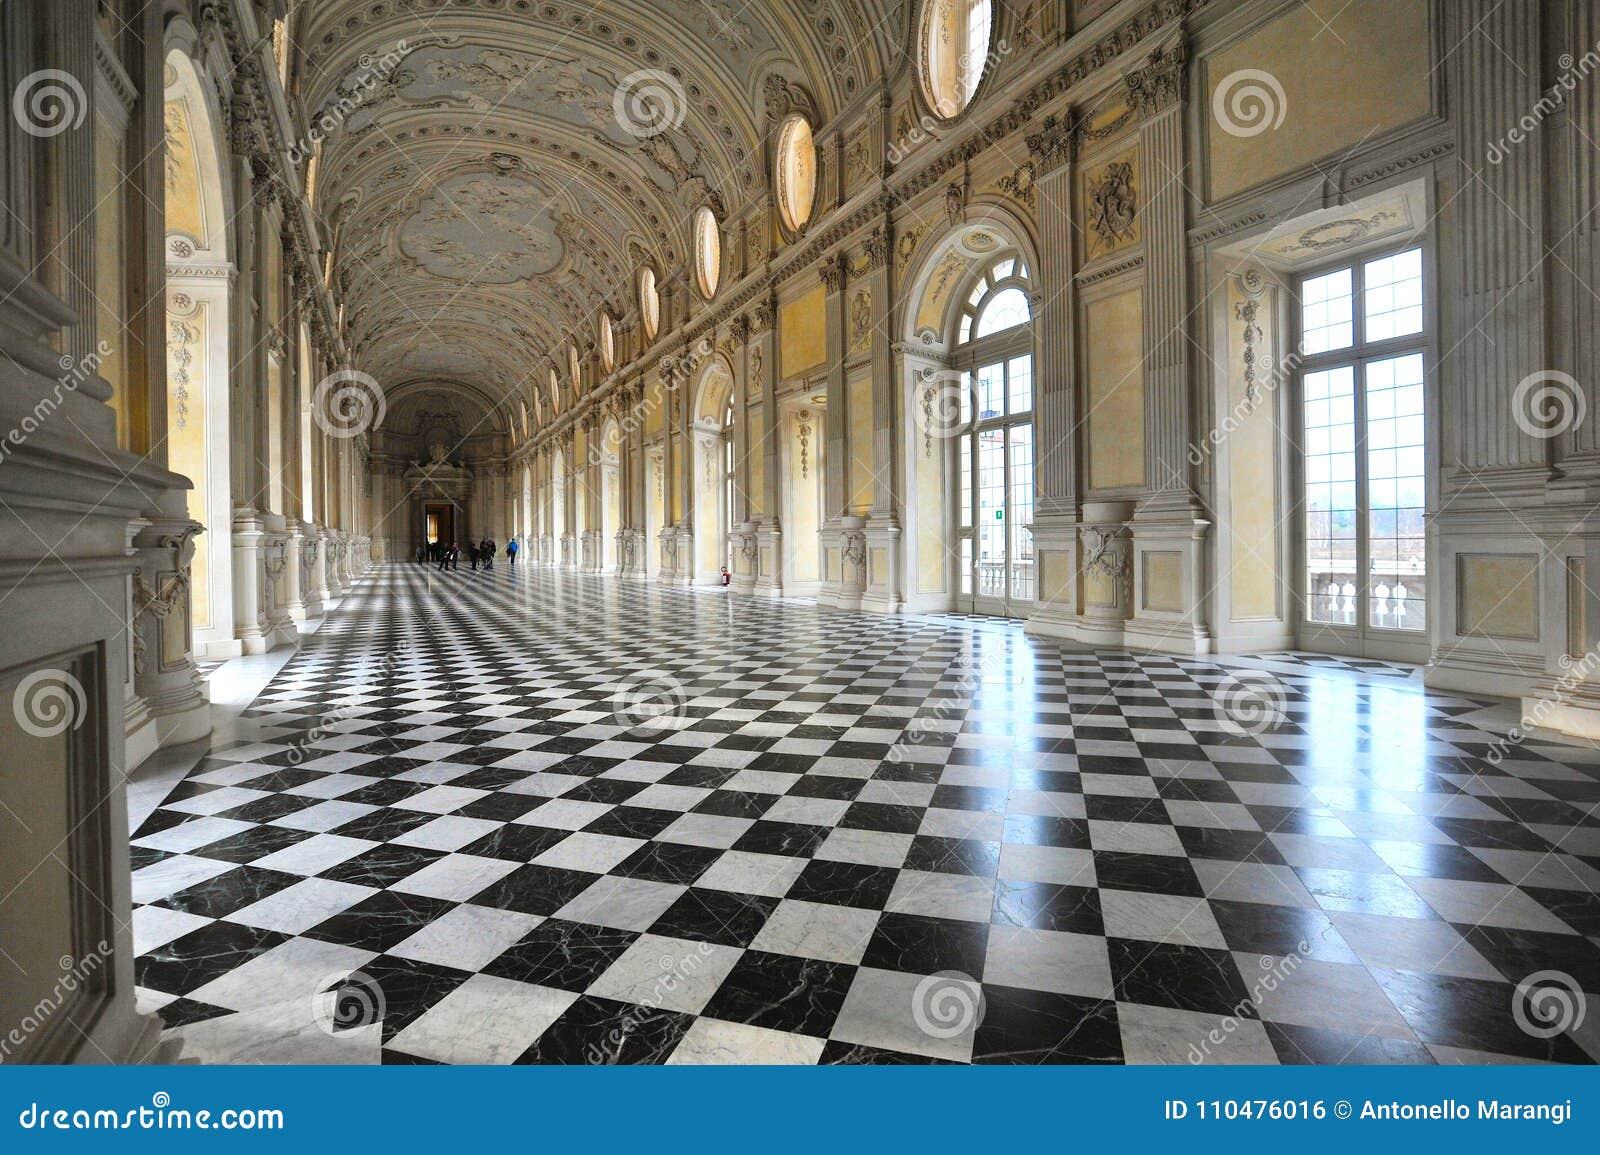 De Grote Galerij in Reggia Di Venaria Reale verklaarde de Plaats van de Werelderfenis door het monumentale koninklijke paleis Ven